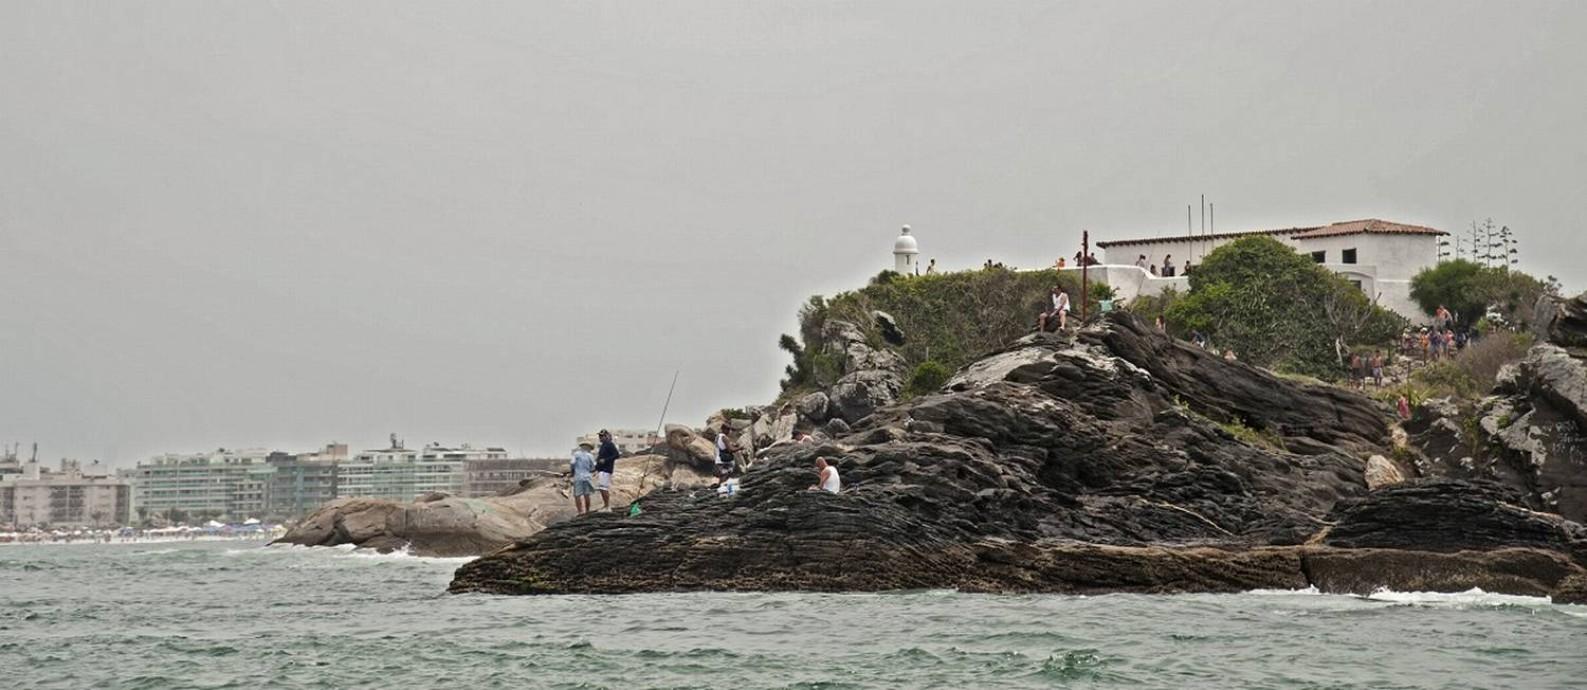 Forte de São Mateus, com a Praia do Forte ao fundo, é um marco histórico para Cabo Frio Foto: Adriana Lorete / Agência O Globo